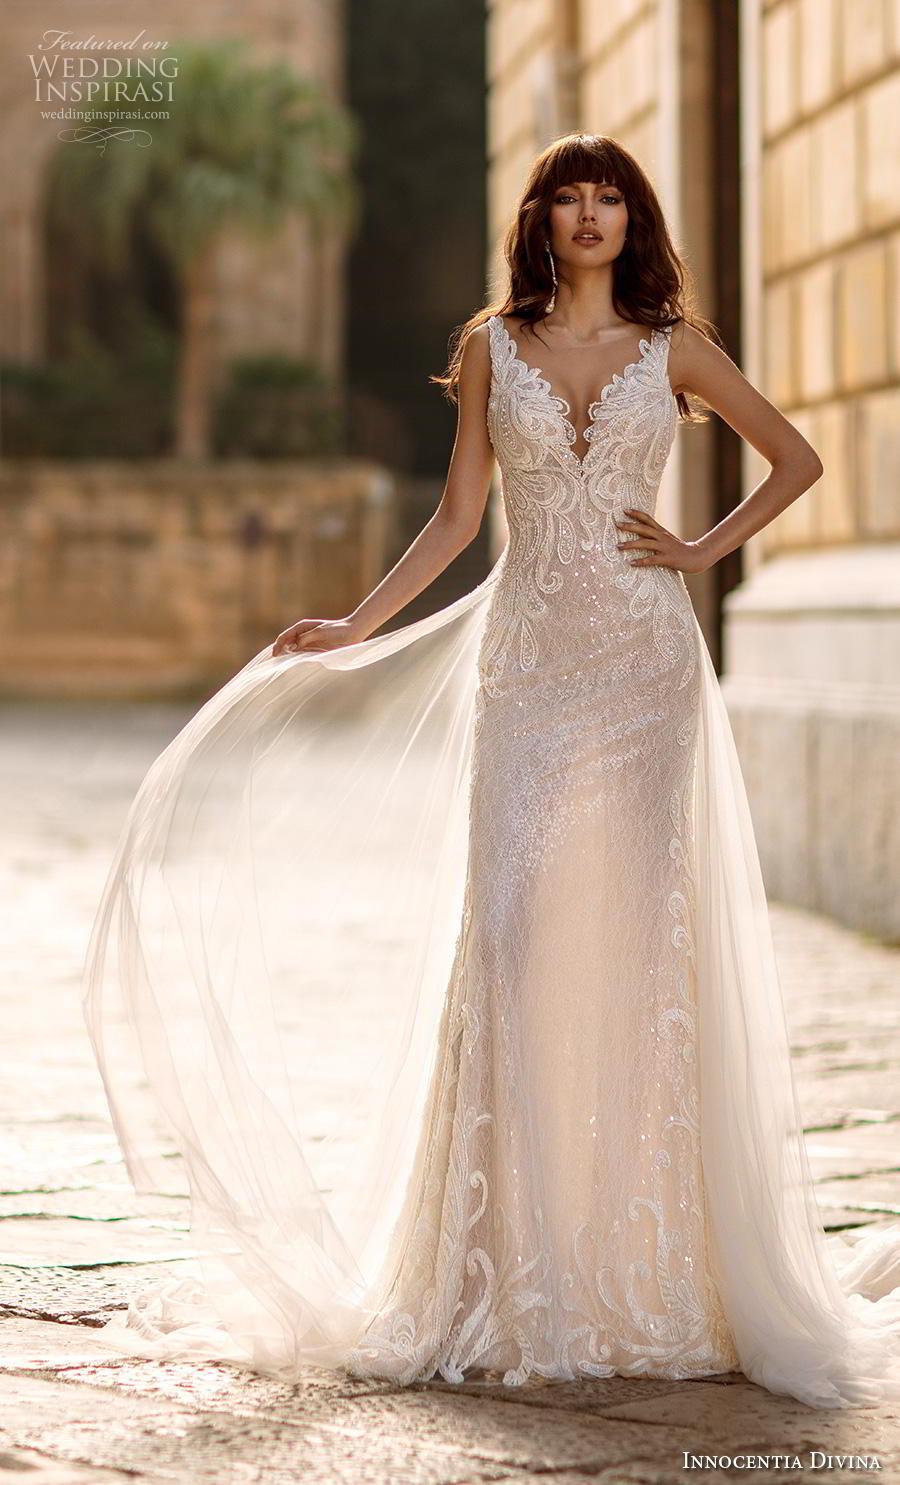 innocentia divina 2020 bridal sleeveless v neck heavily embellished bodice elegant glamorous a  line wedding dress keyhole back chapel train (1) mv